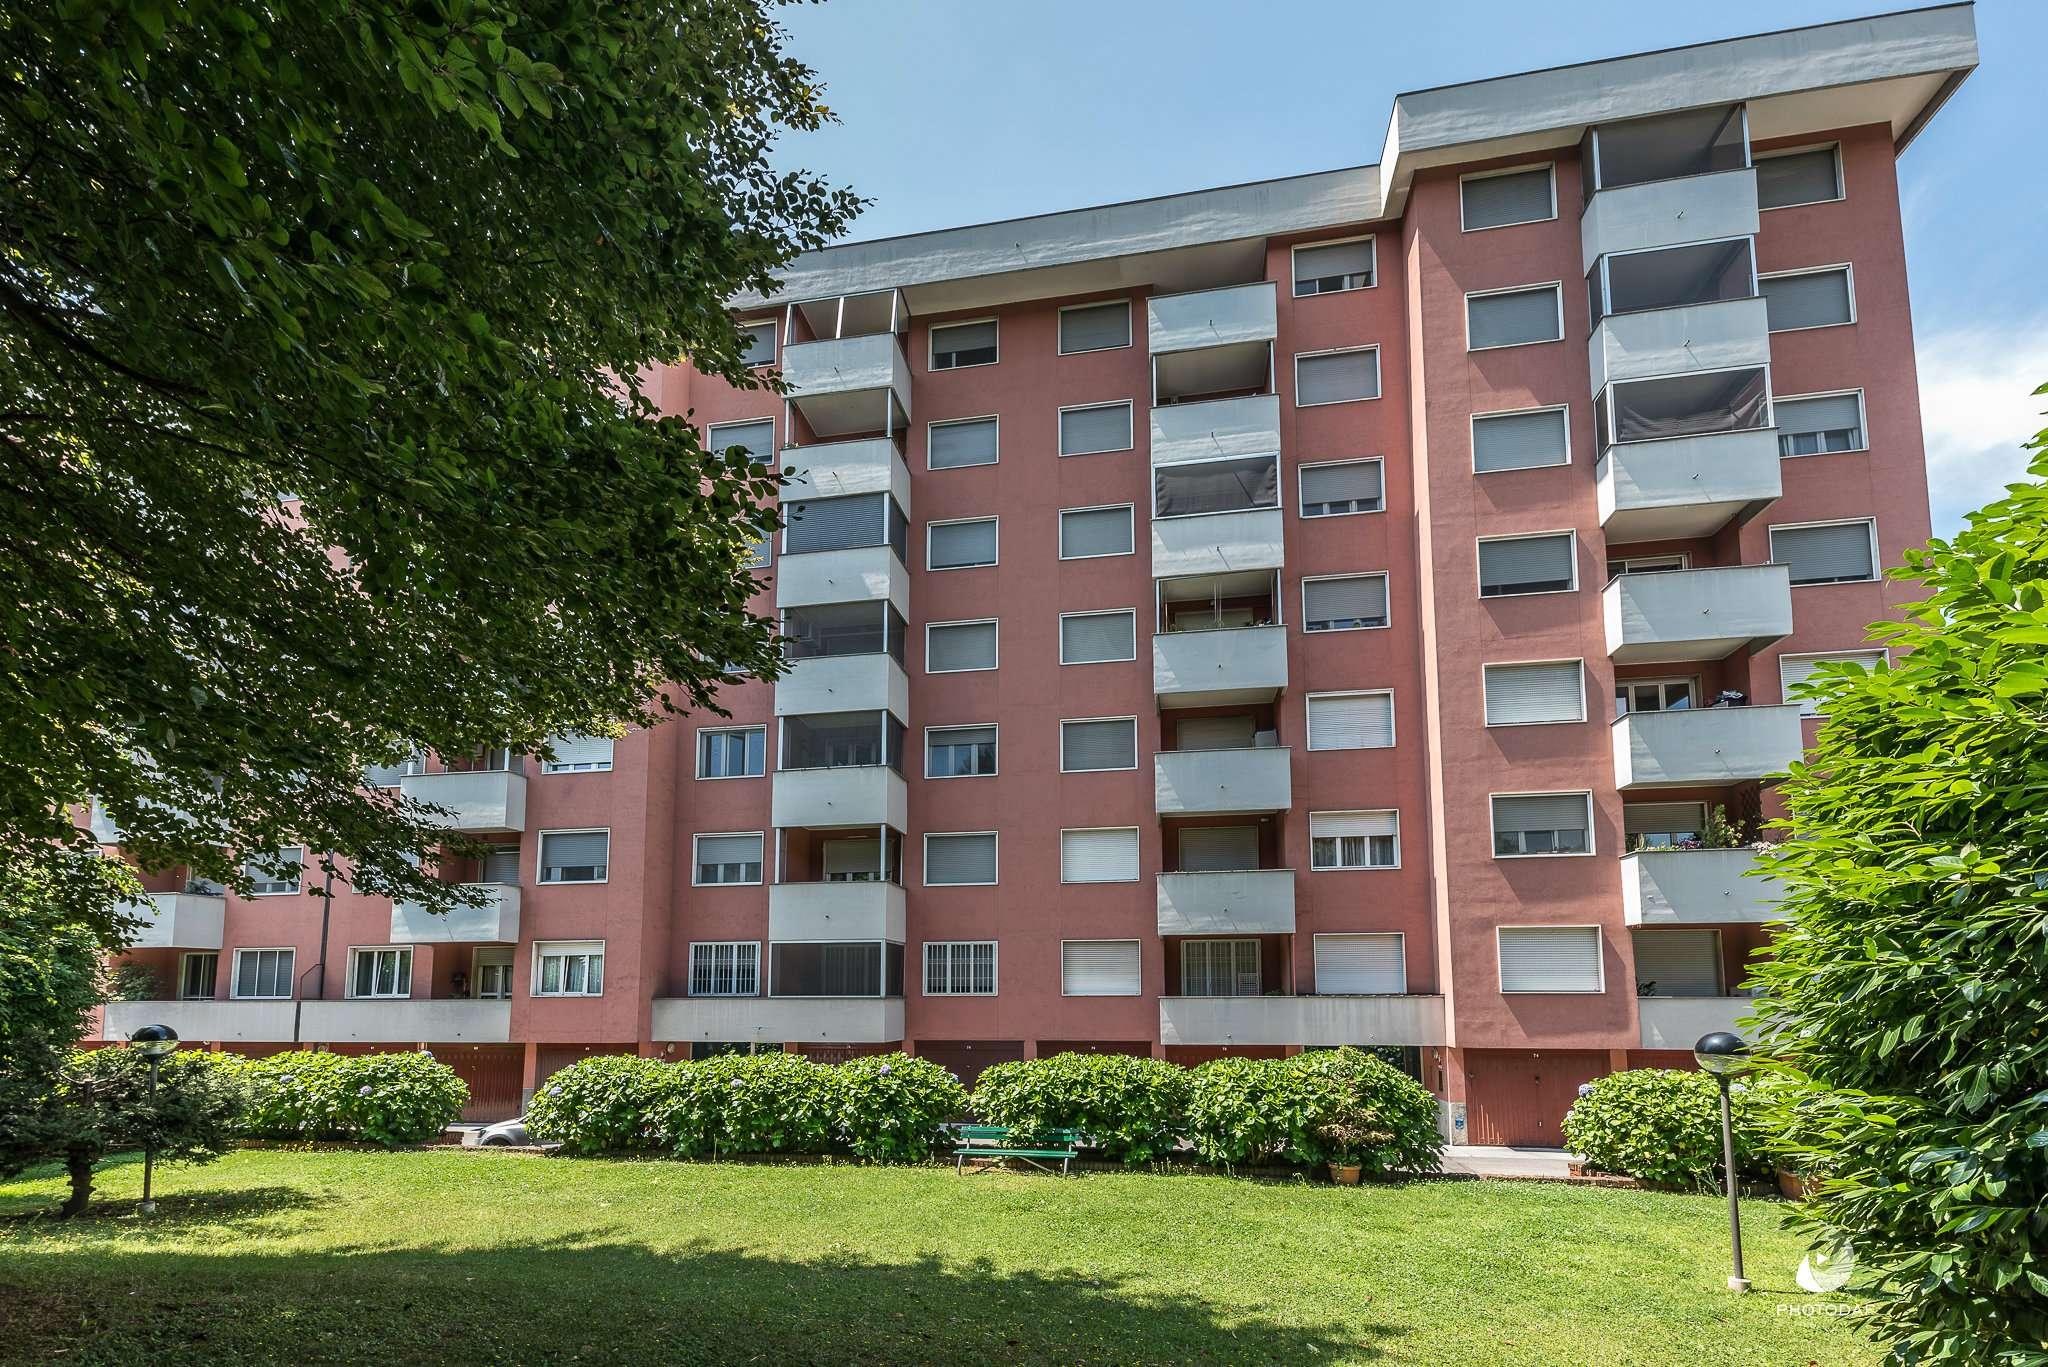 Appartamento ristrutturato in vendita Rif. 7163811